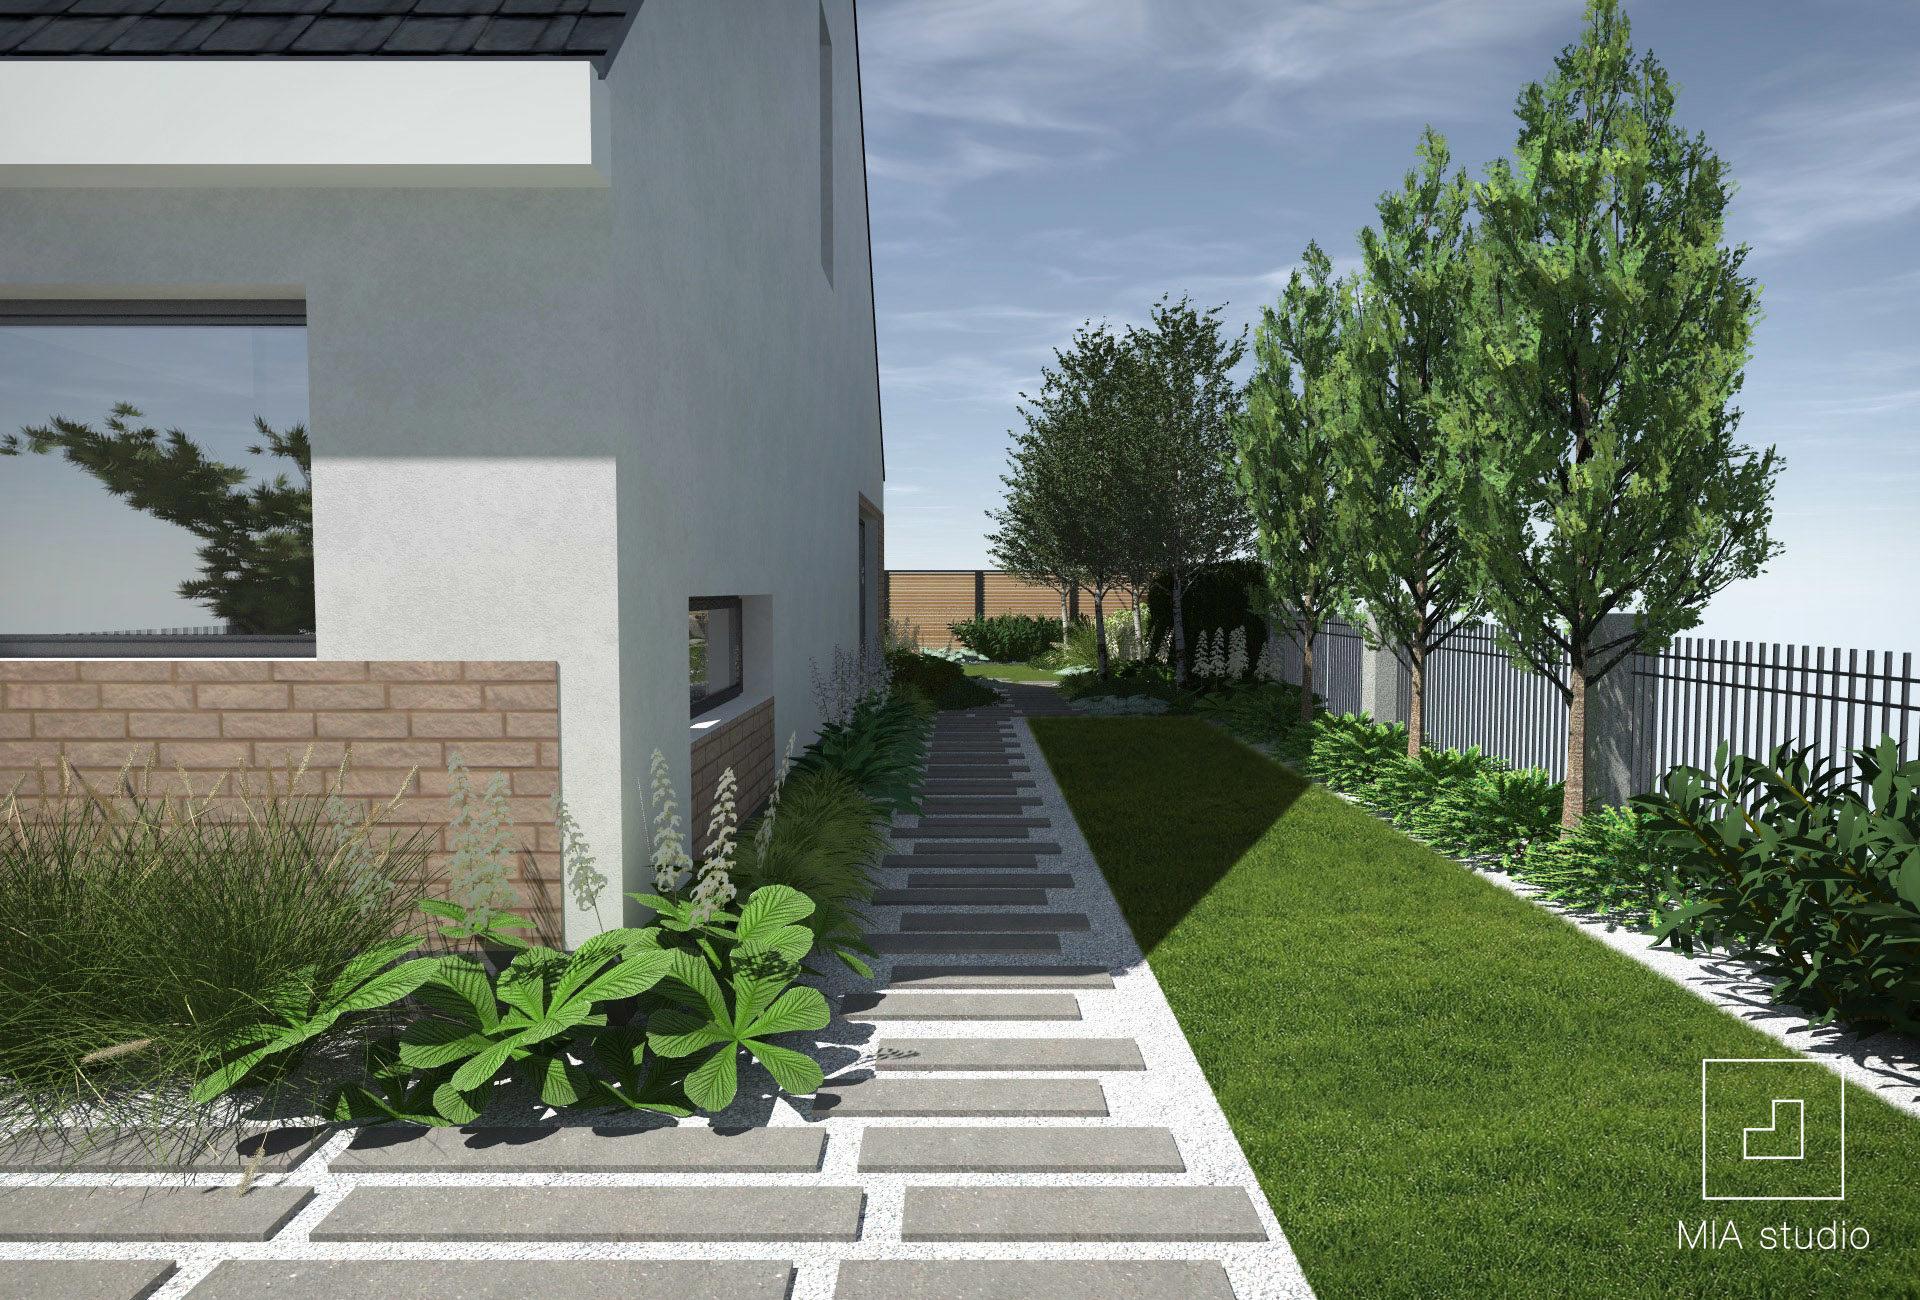 ścieżka w ogrodzie z płyt betonowych